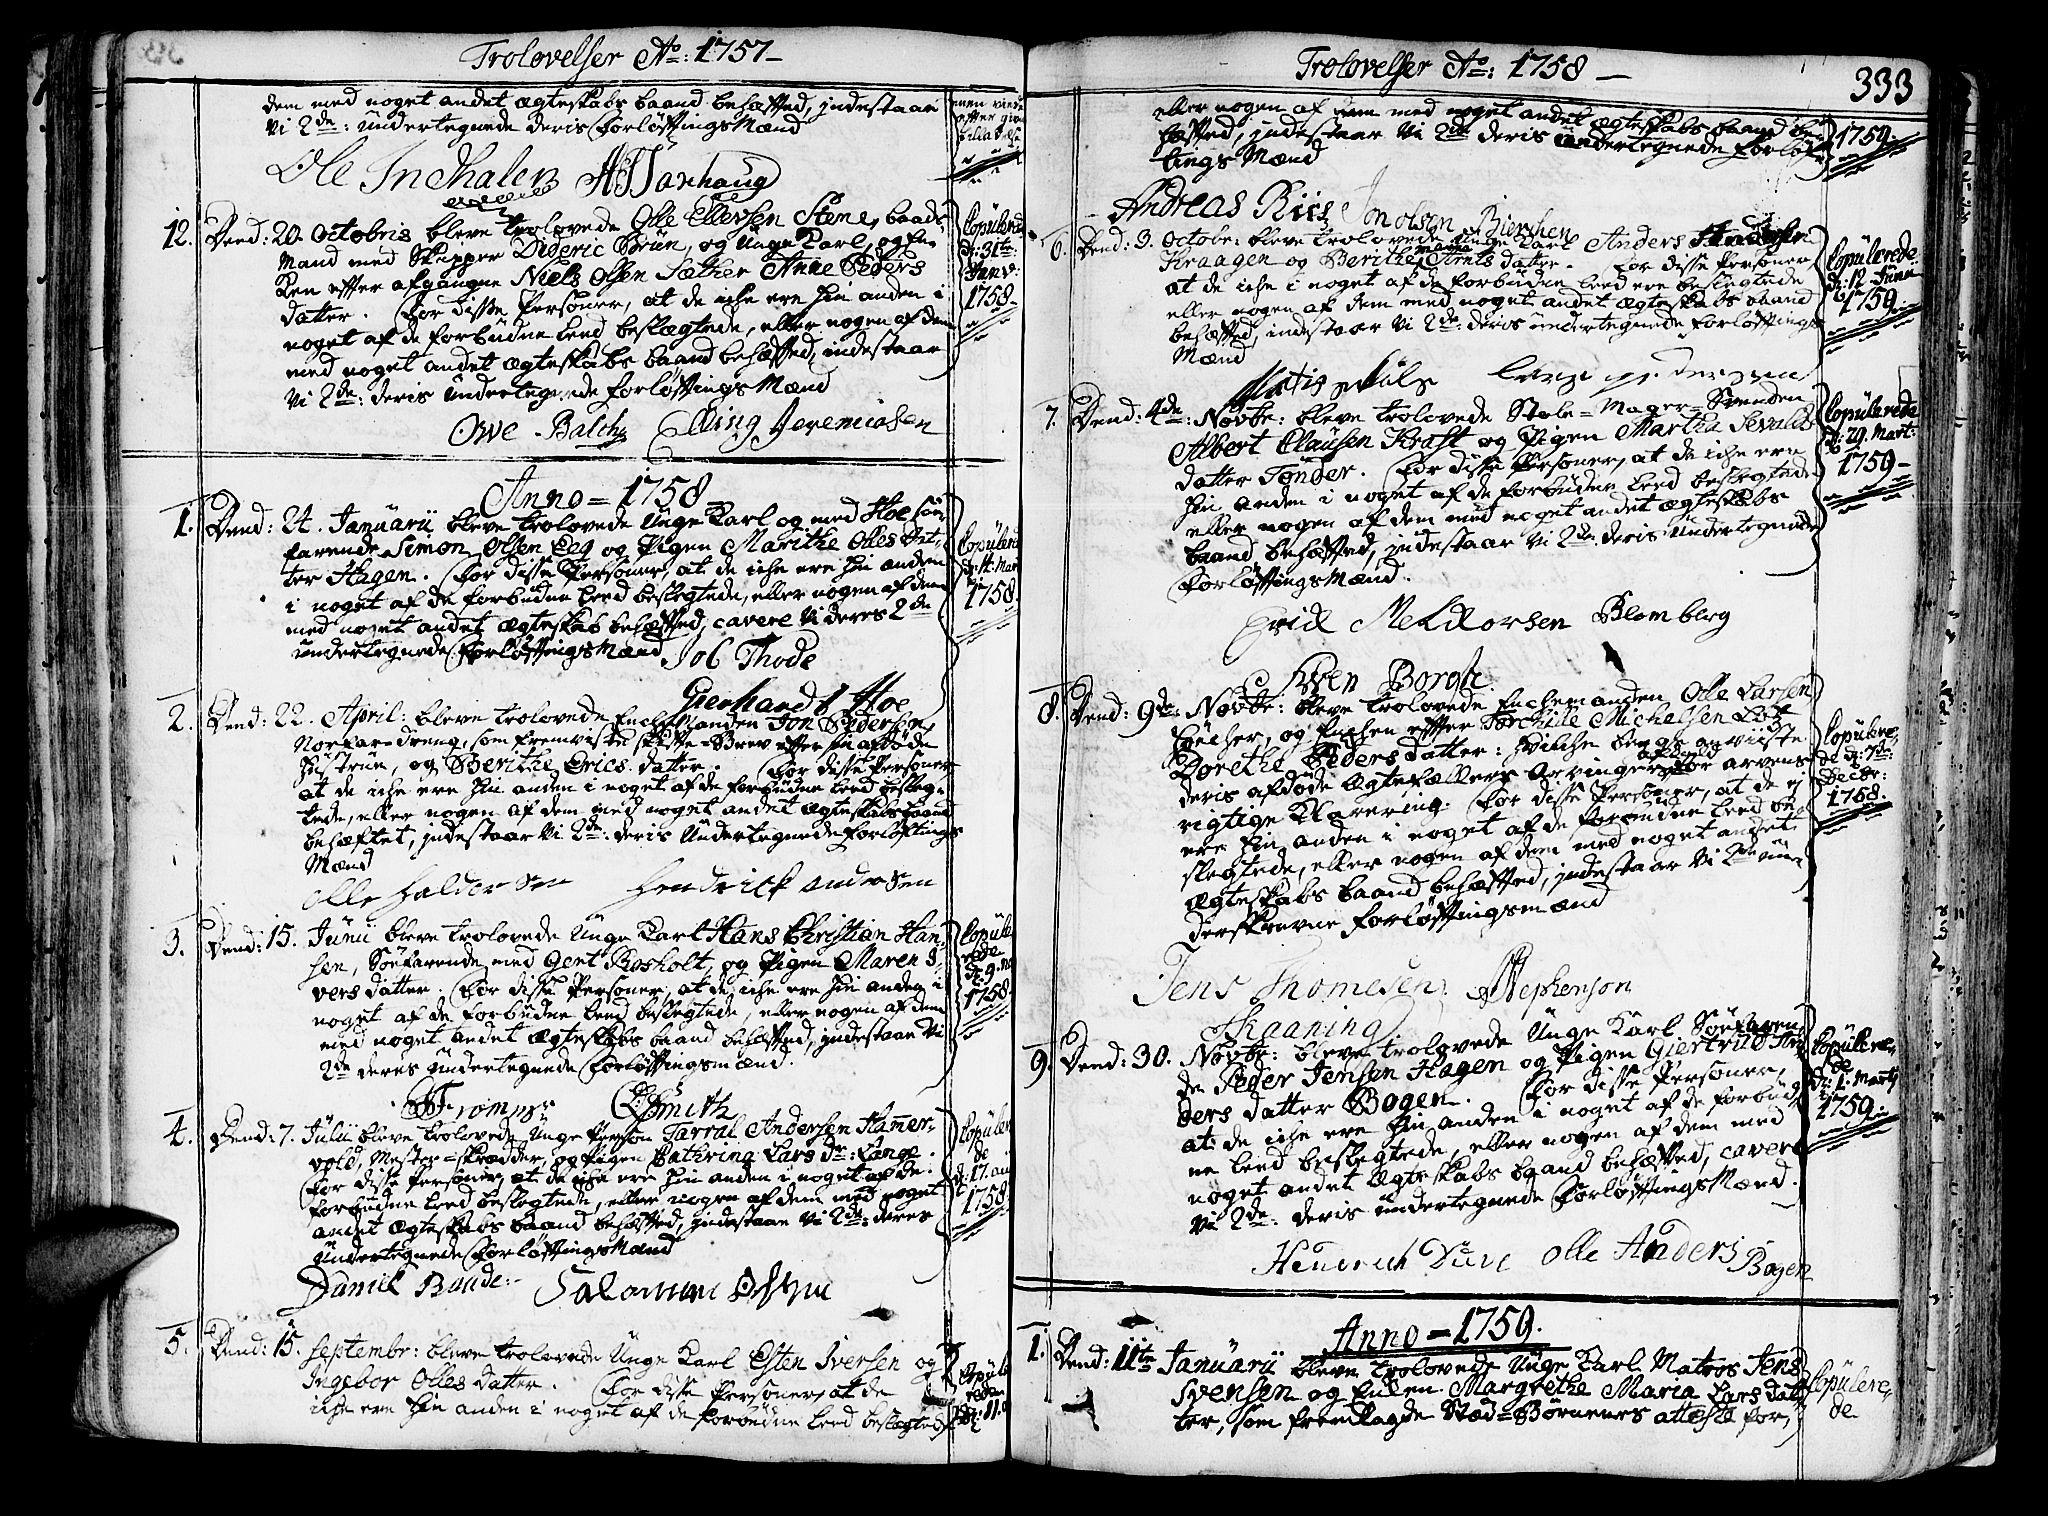 SAT, Ministerialprotokoller, klokkerbøker og fødselsregistre - Sør-Trøndelag, 602/L0103: Ministerialbok nr. 602A01, 1732-1774, s. 333